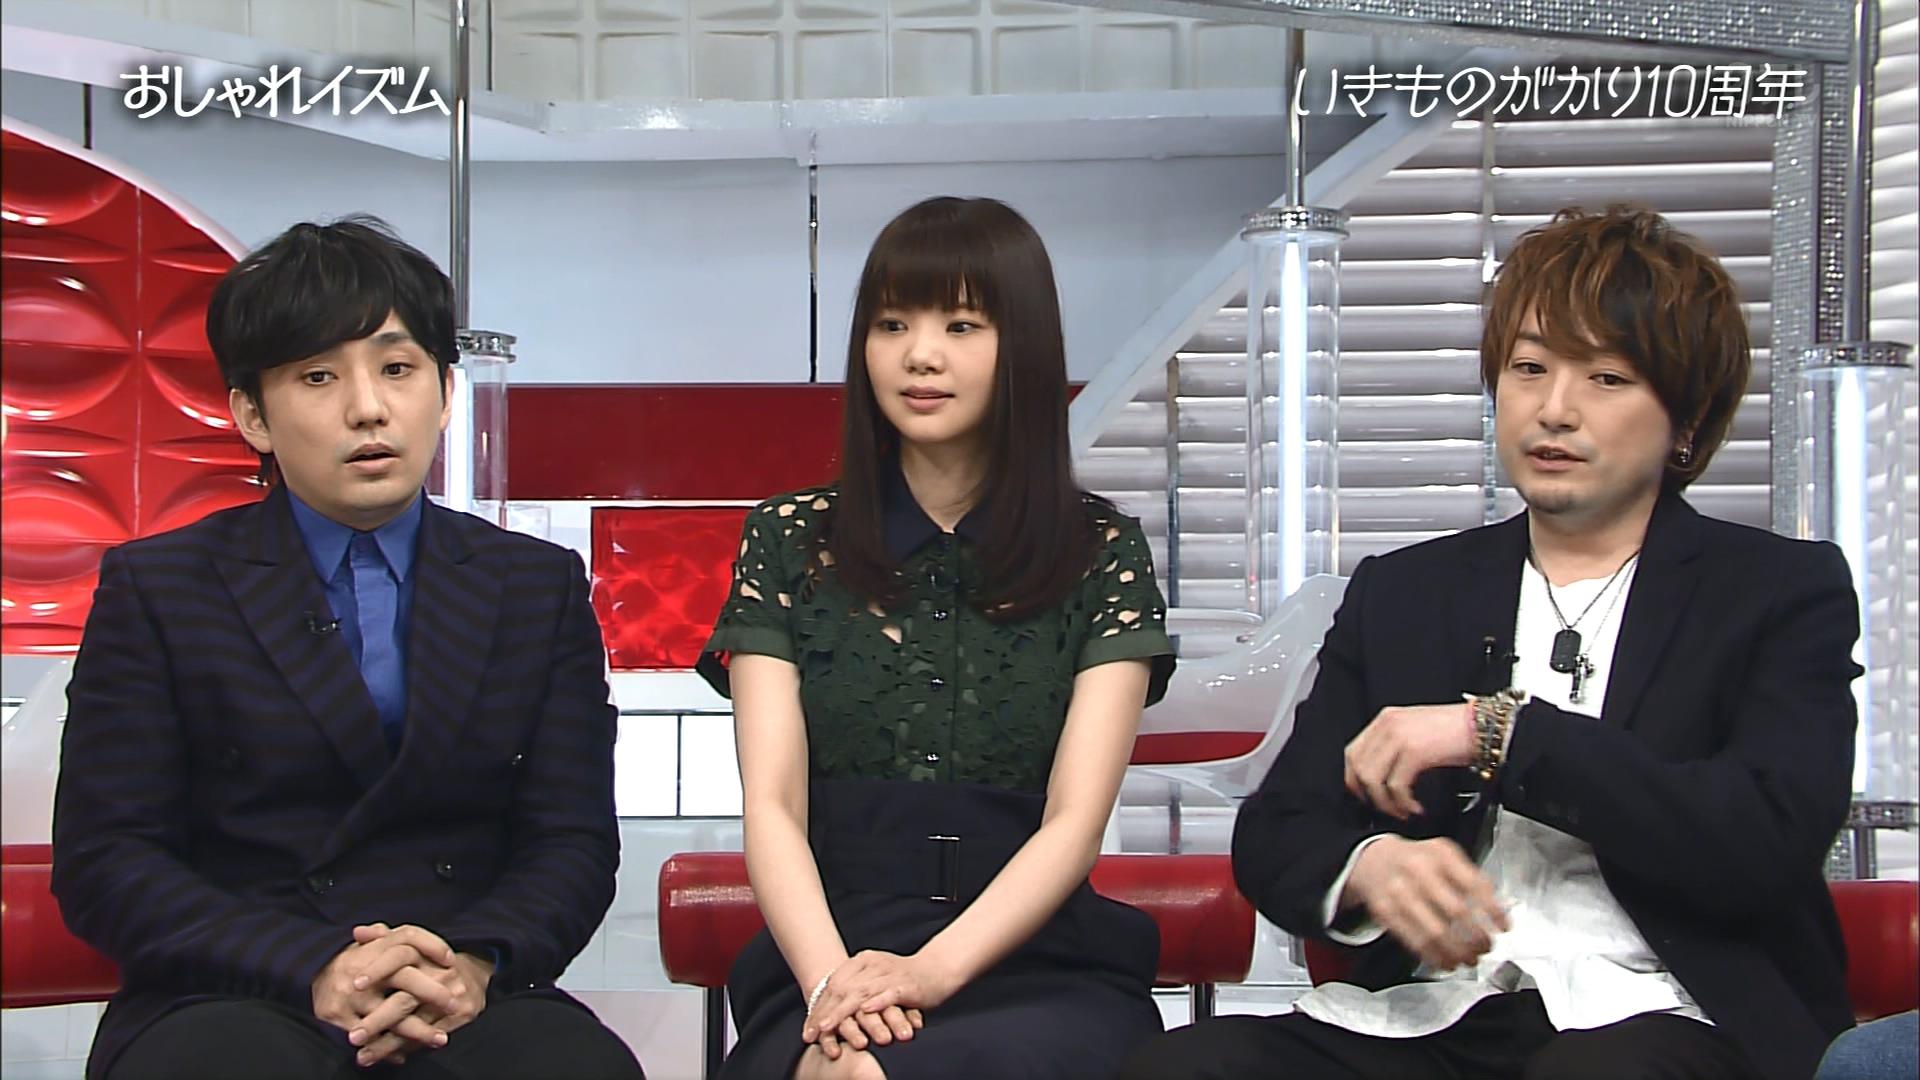 2016.03.13 全場(おしゃれイズム).ts_20160313_225614.304